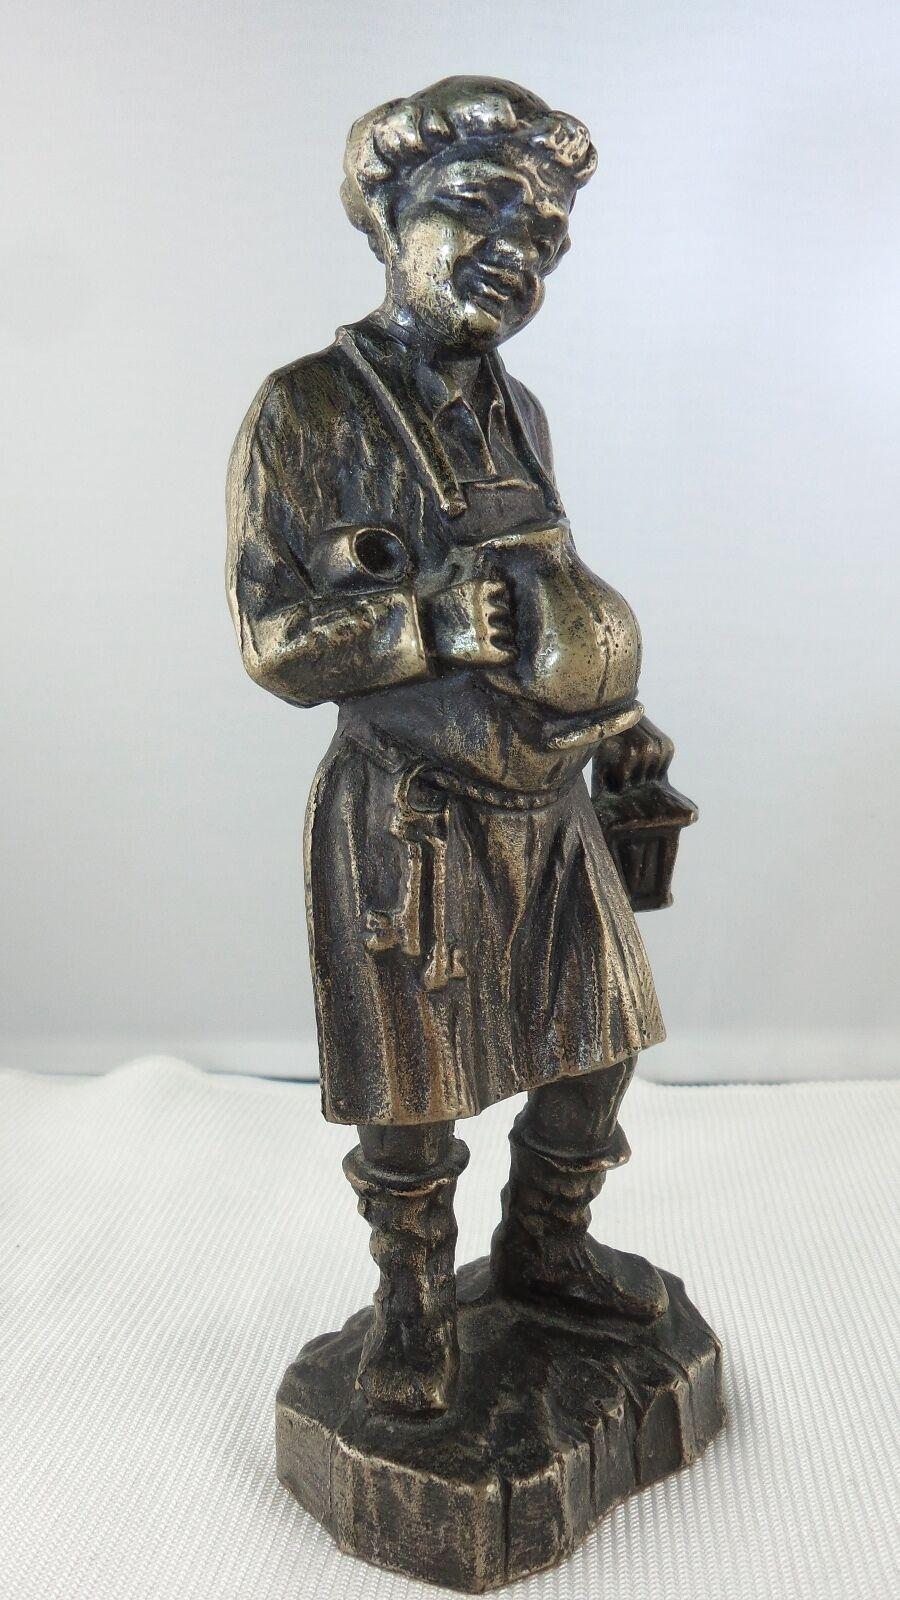 Vieux moine personnage en bronze vin